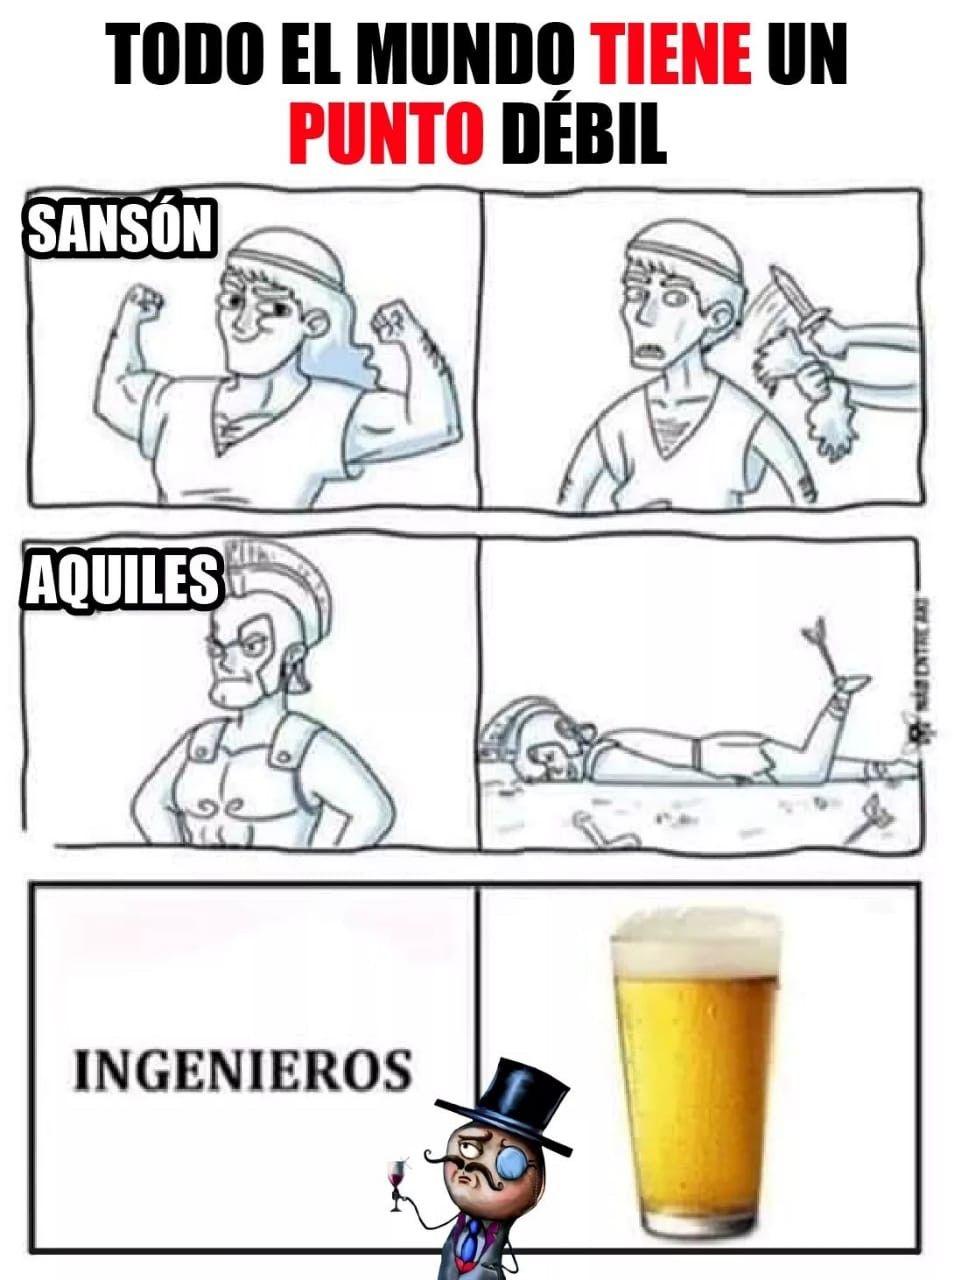 Pin De Beatriz Rocha En Borrachos Imagenes Graciosas Gracioso Chiste Meme